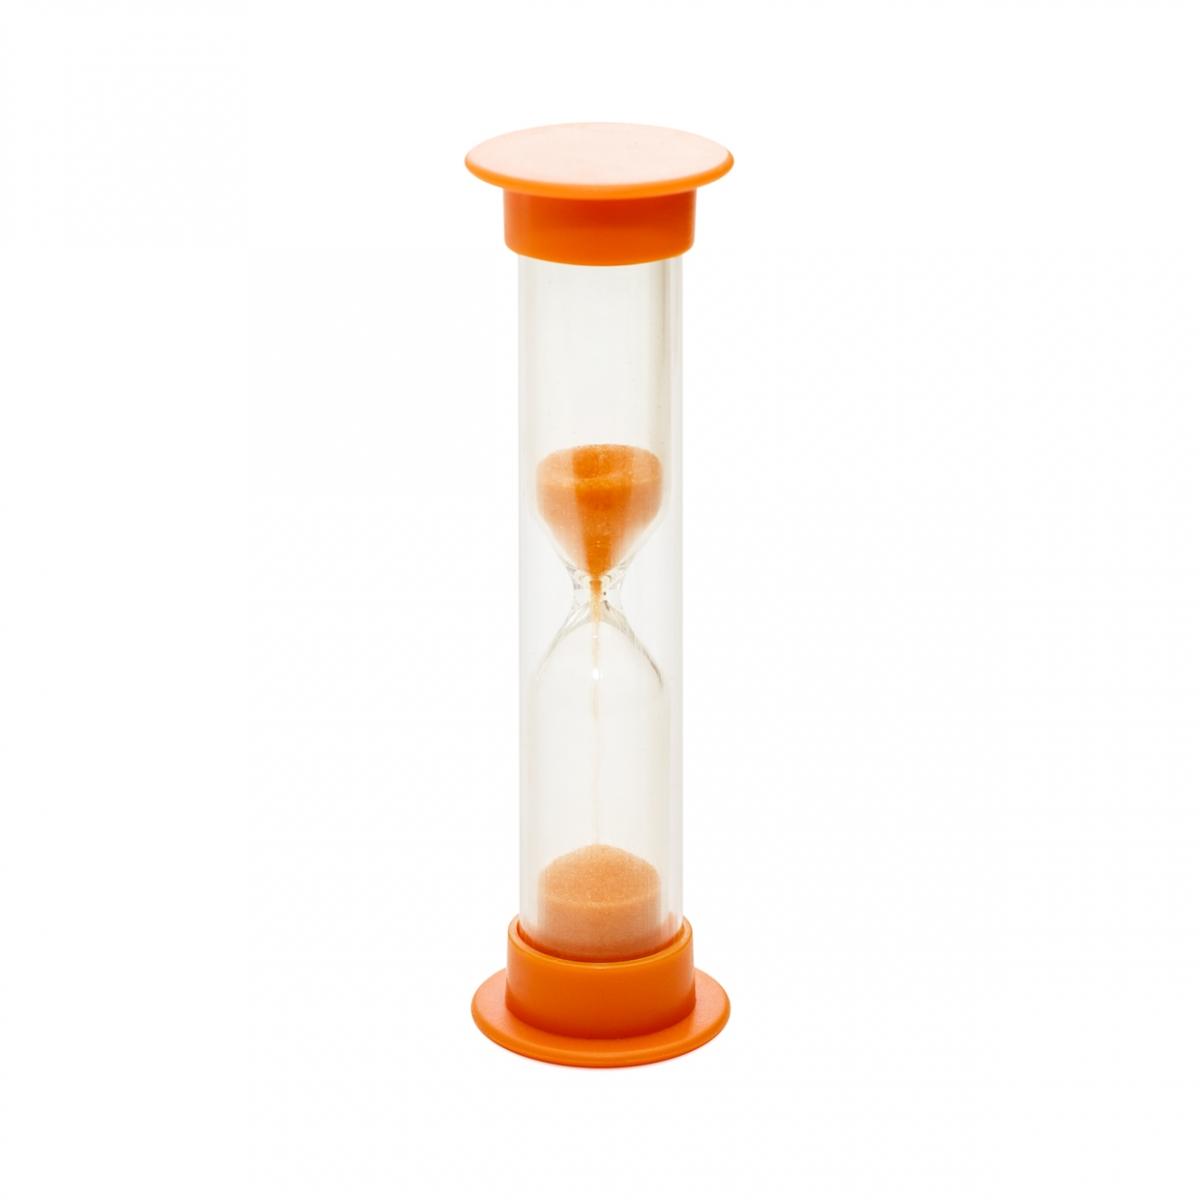 Imagen en la que se ve un reloj de arena